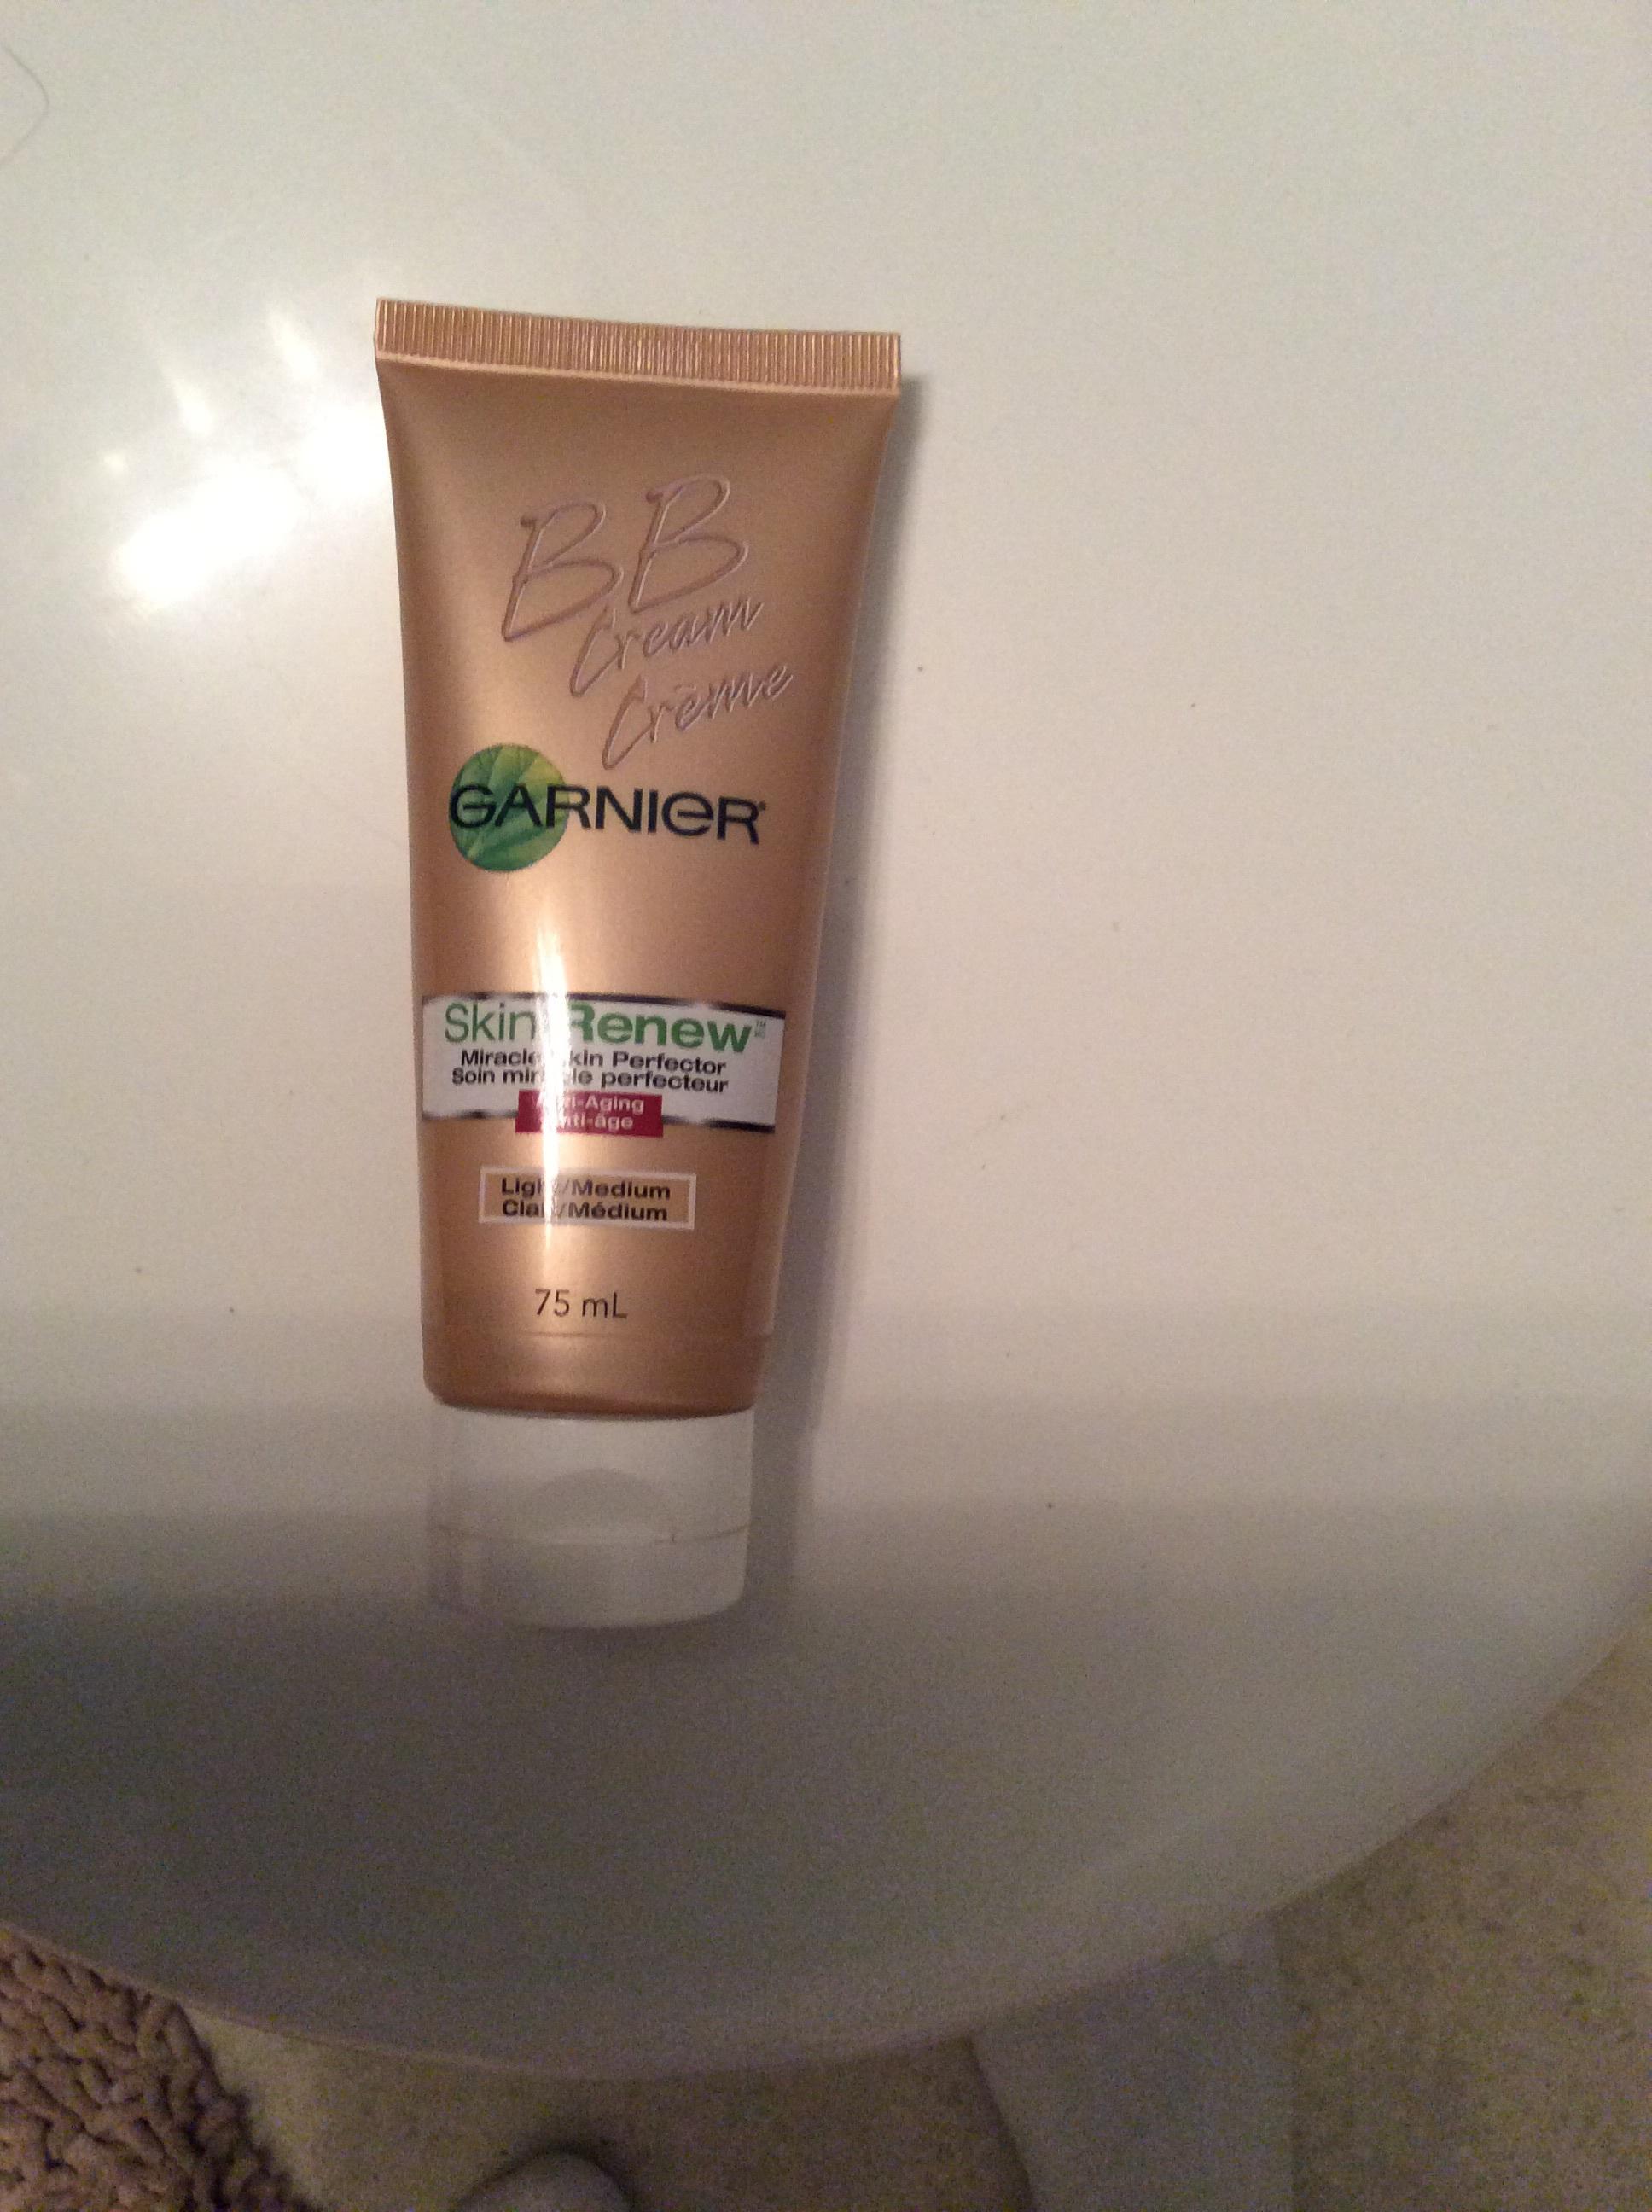 Garnier Skin Renew Miracle Skin Perfector BB Cream reviews ...